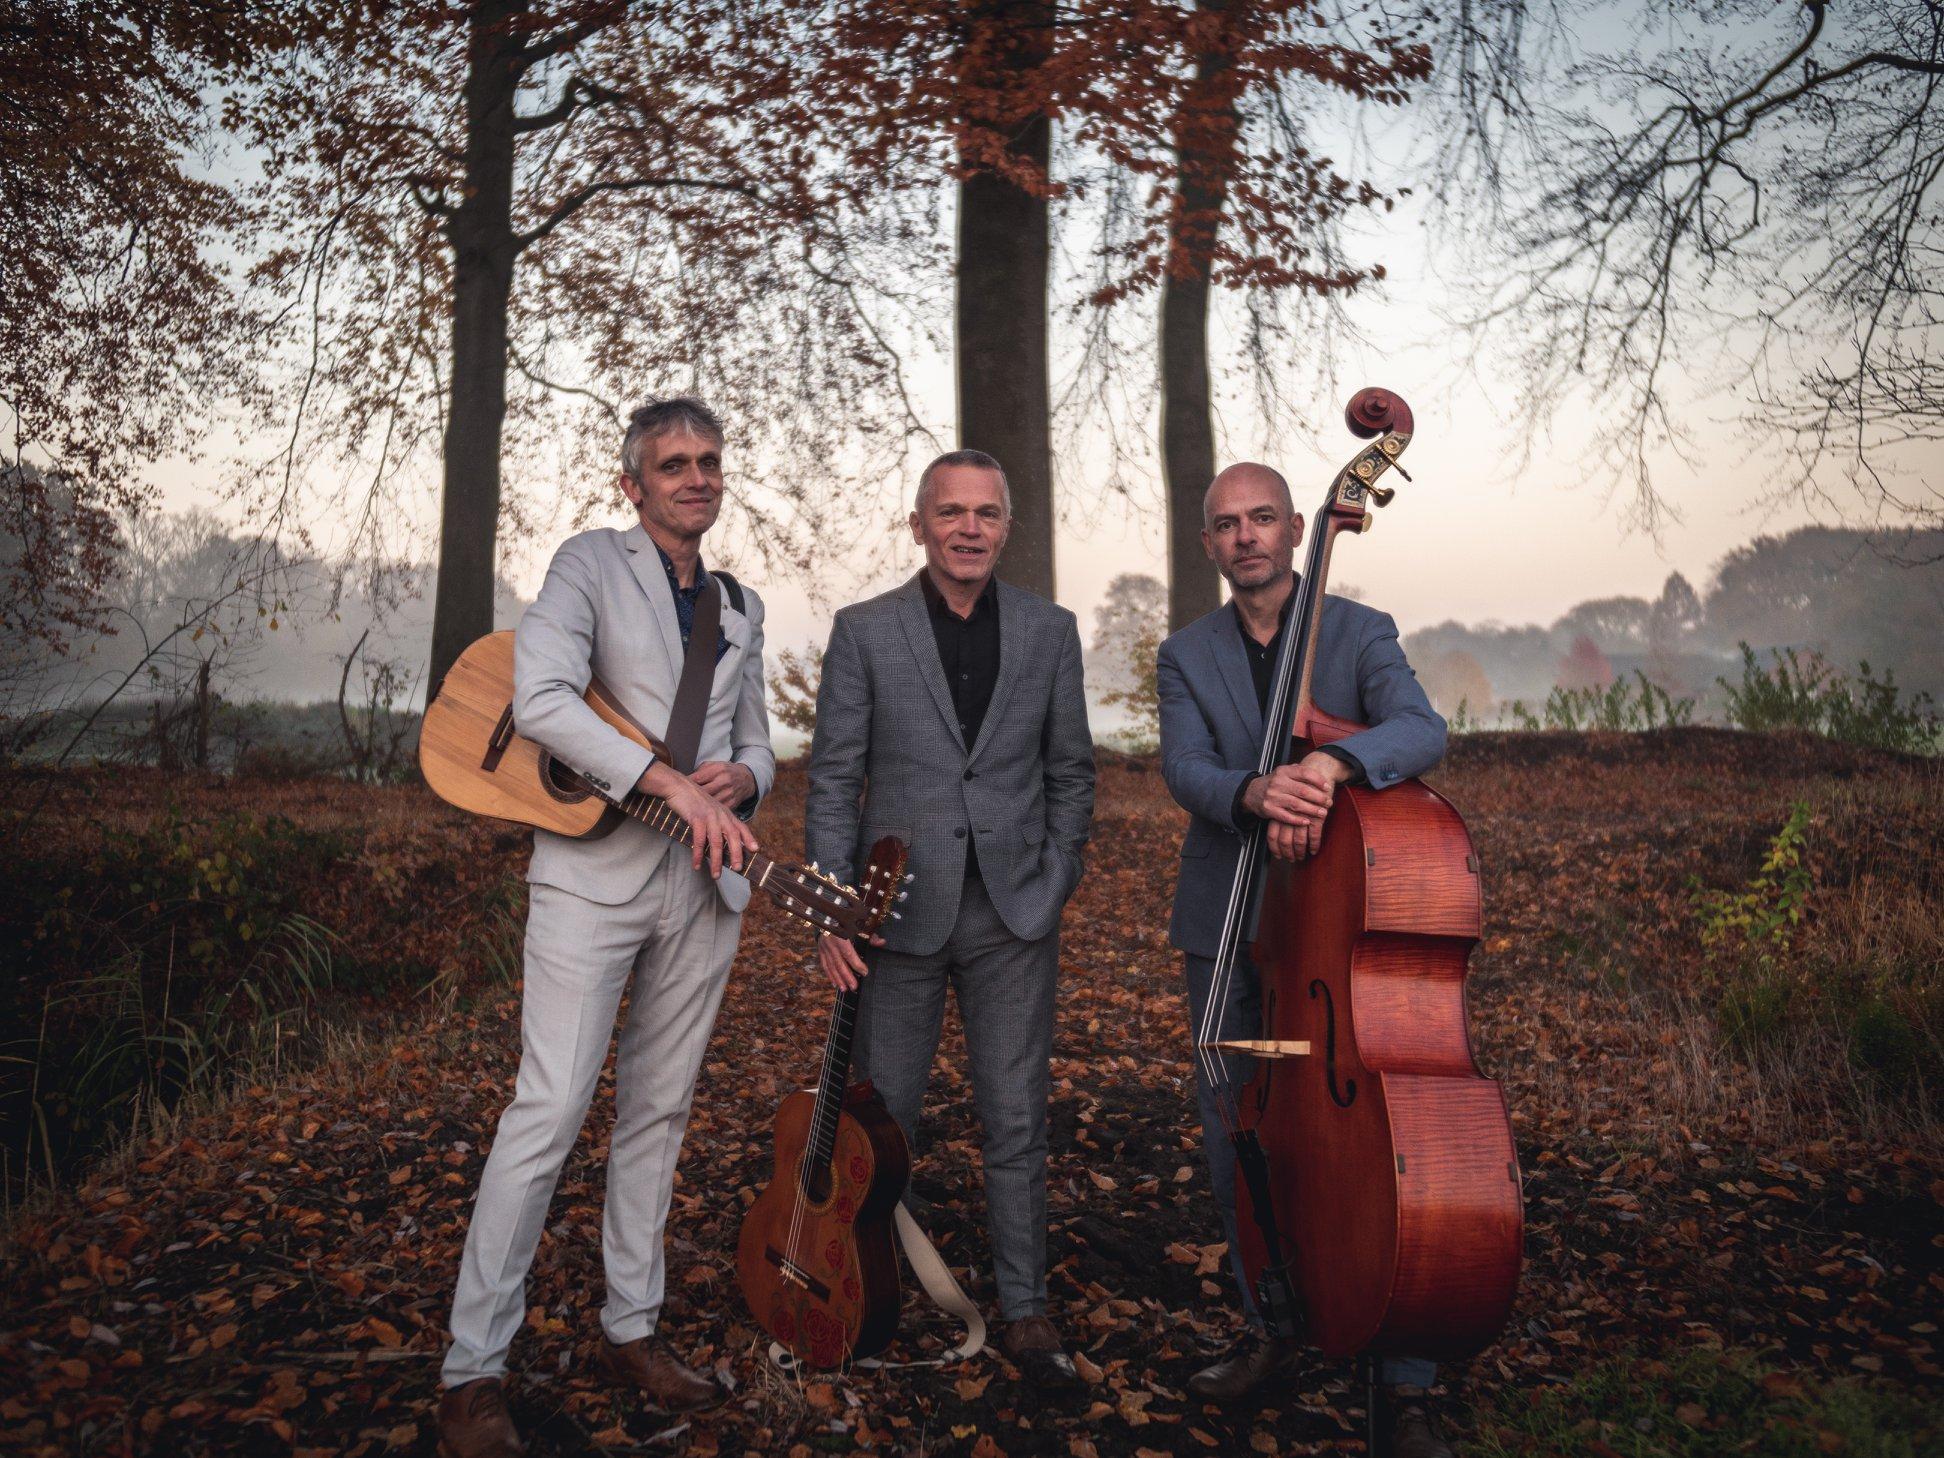 Akoestisch trio cuata herfst buiten